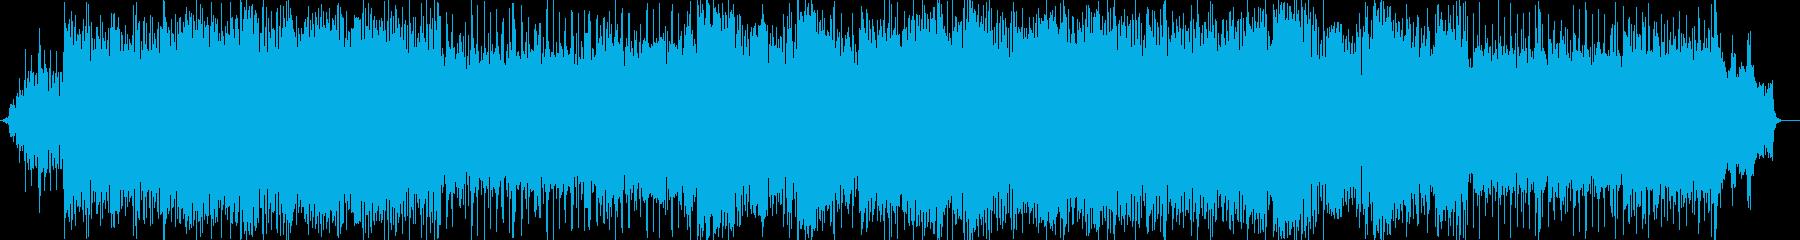 ドラマチックなシンセサイザー和風ポップスの再生済みの波形